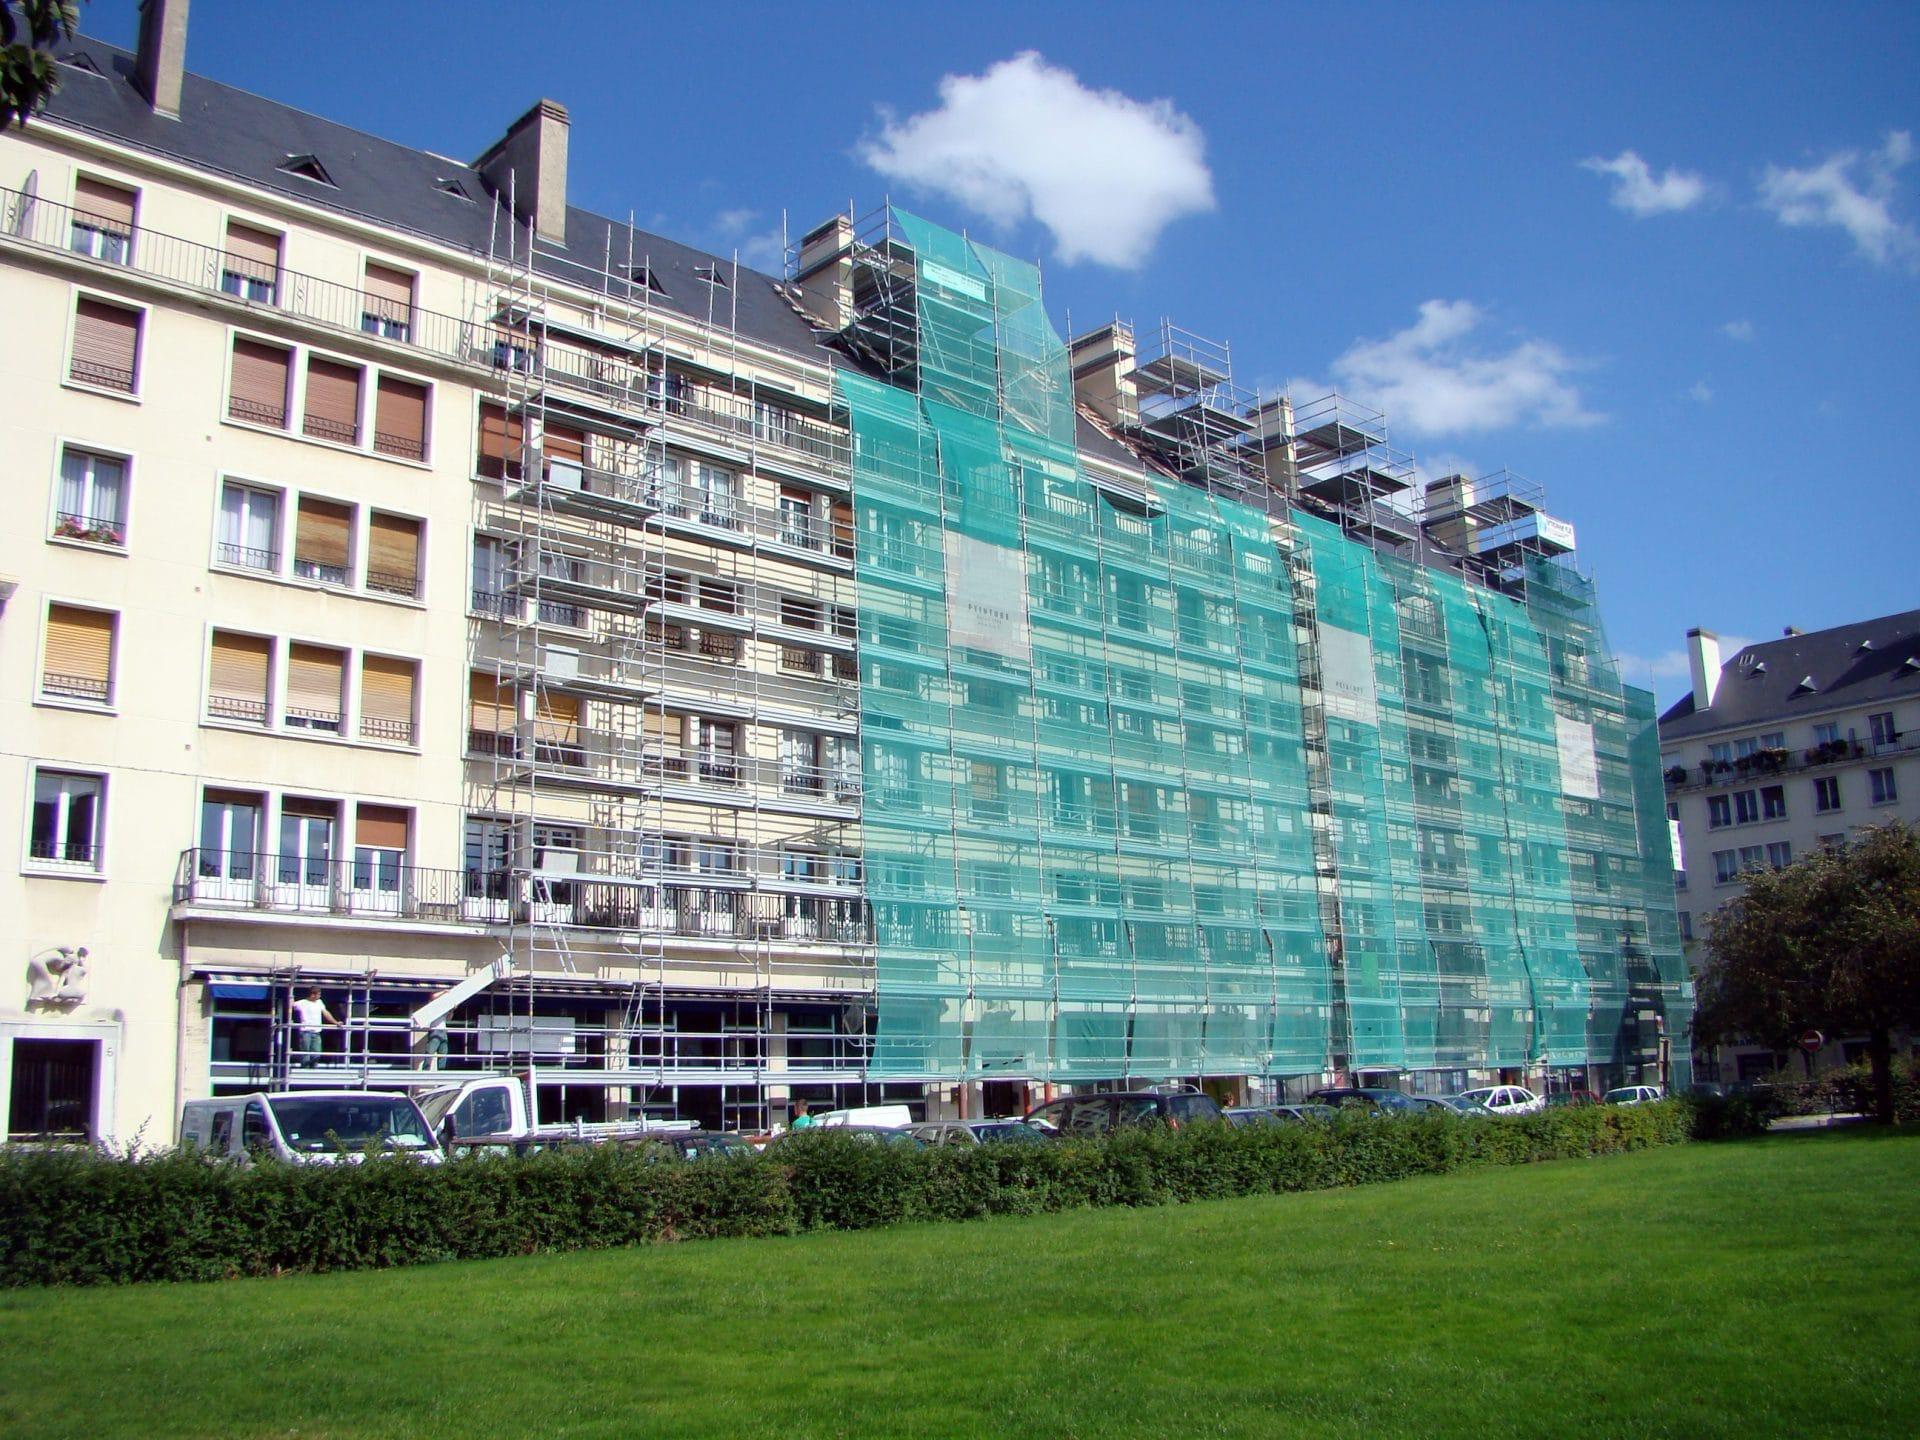 Quel prix pour la rénovation d'un immeuble en 2021?